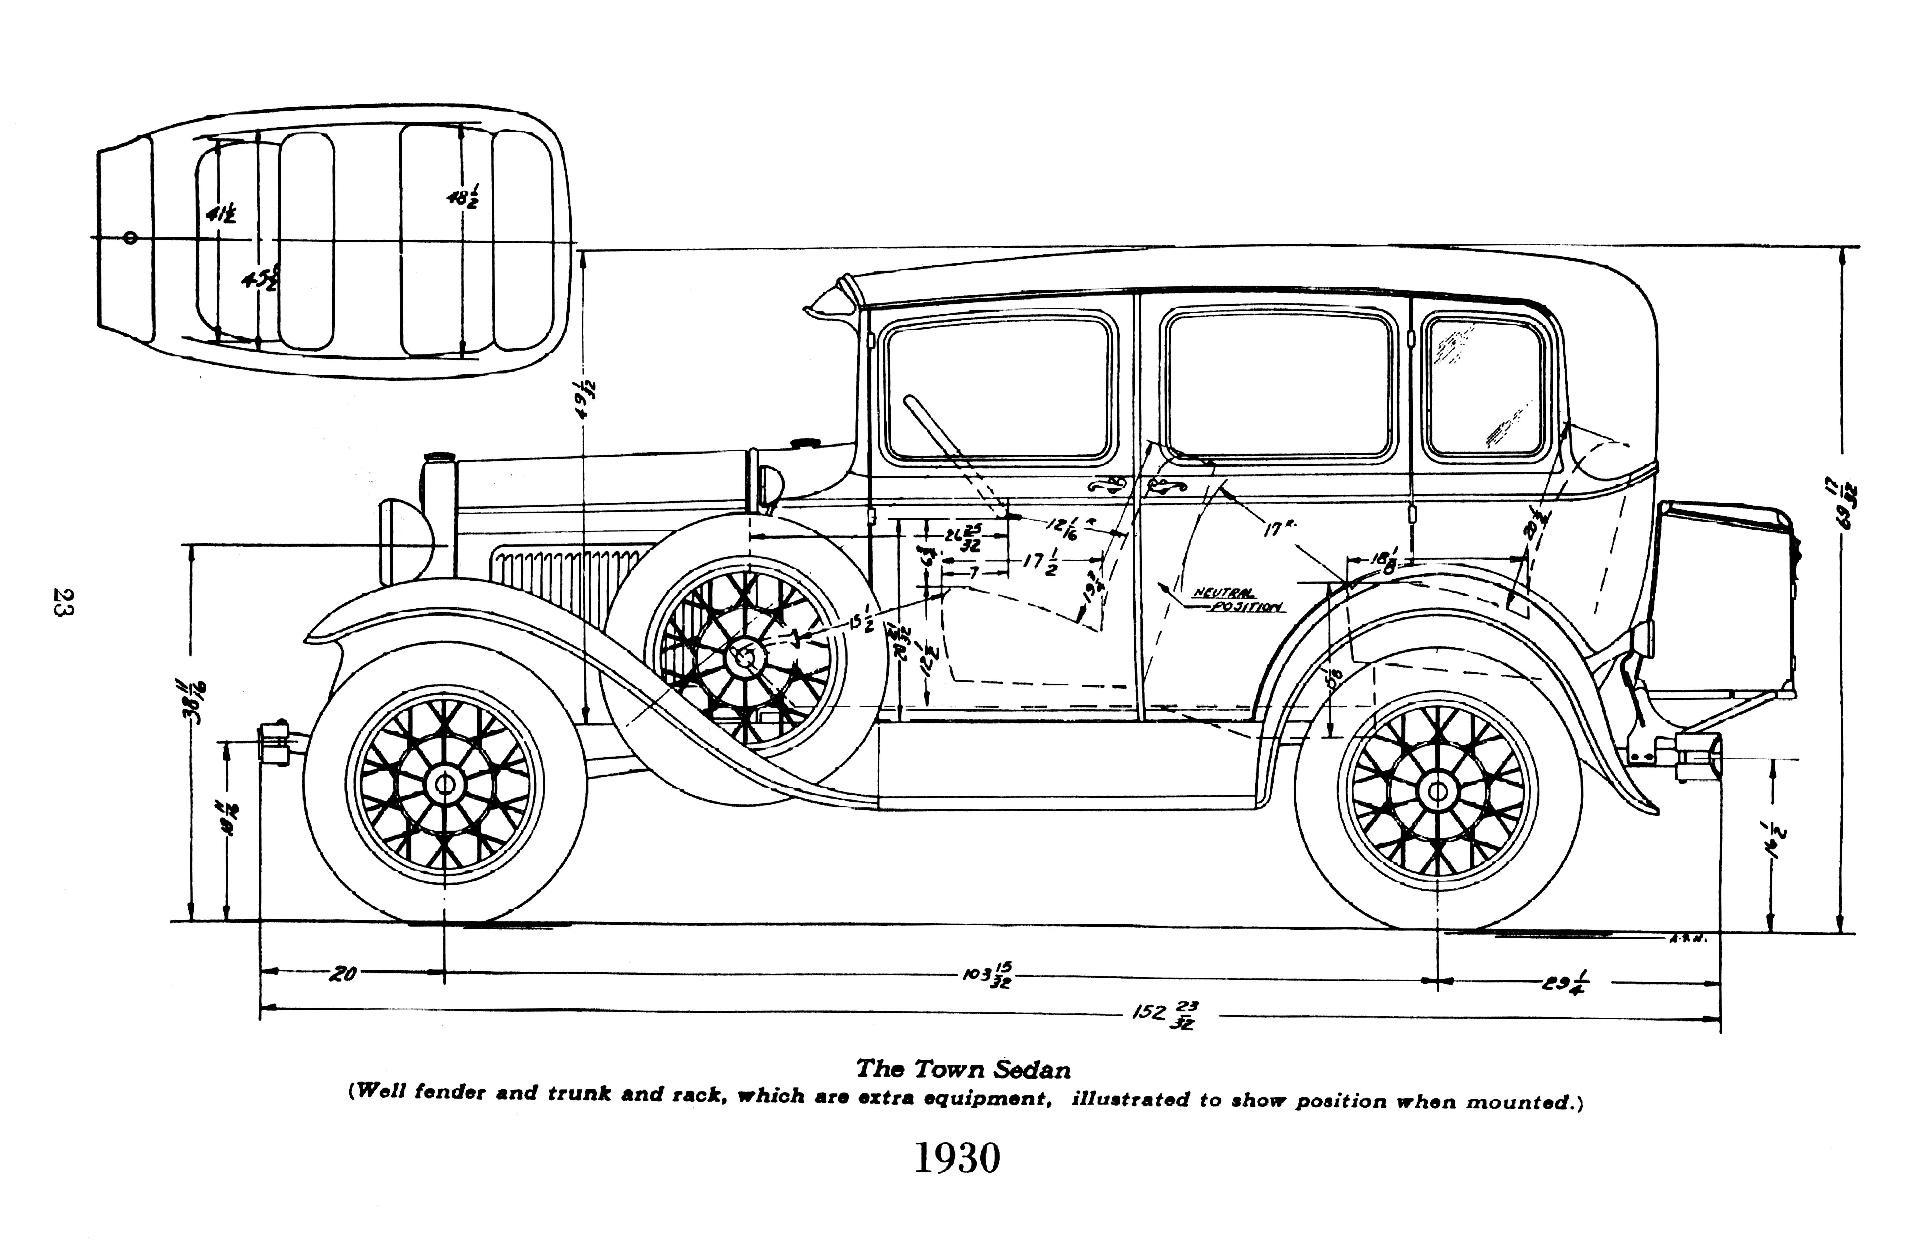 Ford Model A Body Dimensions Motor Mayhem